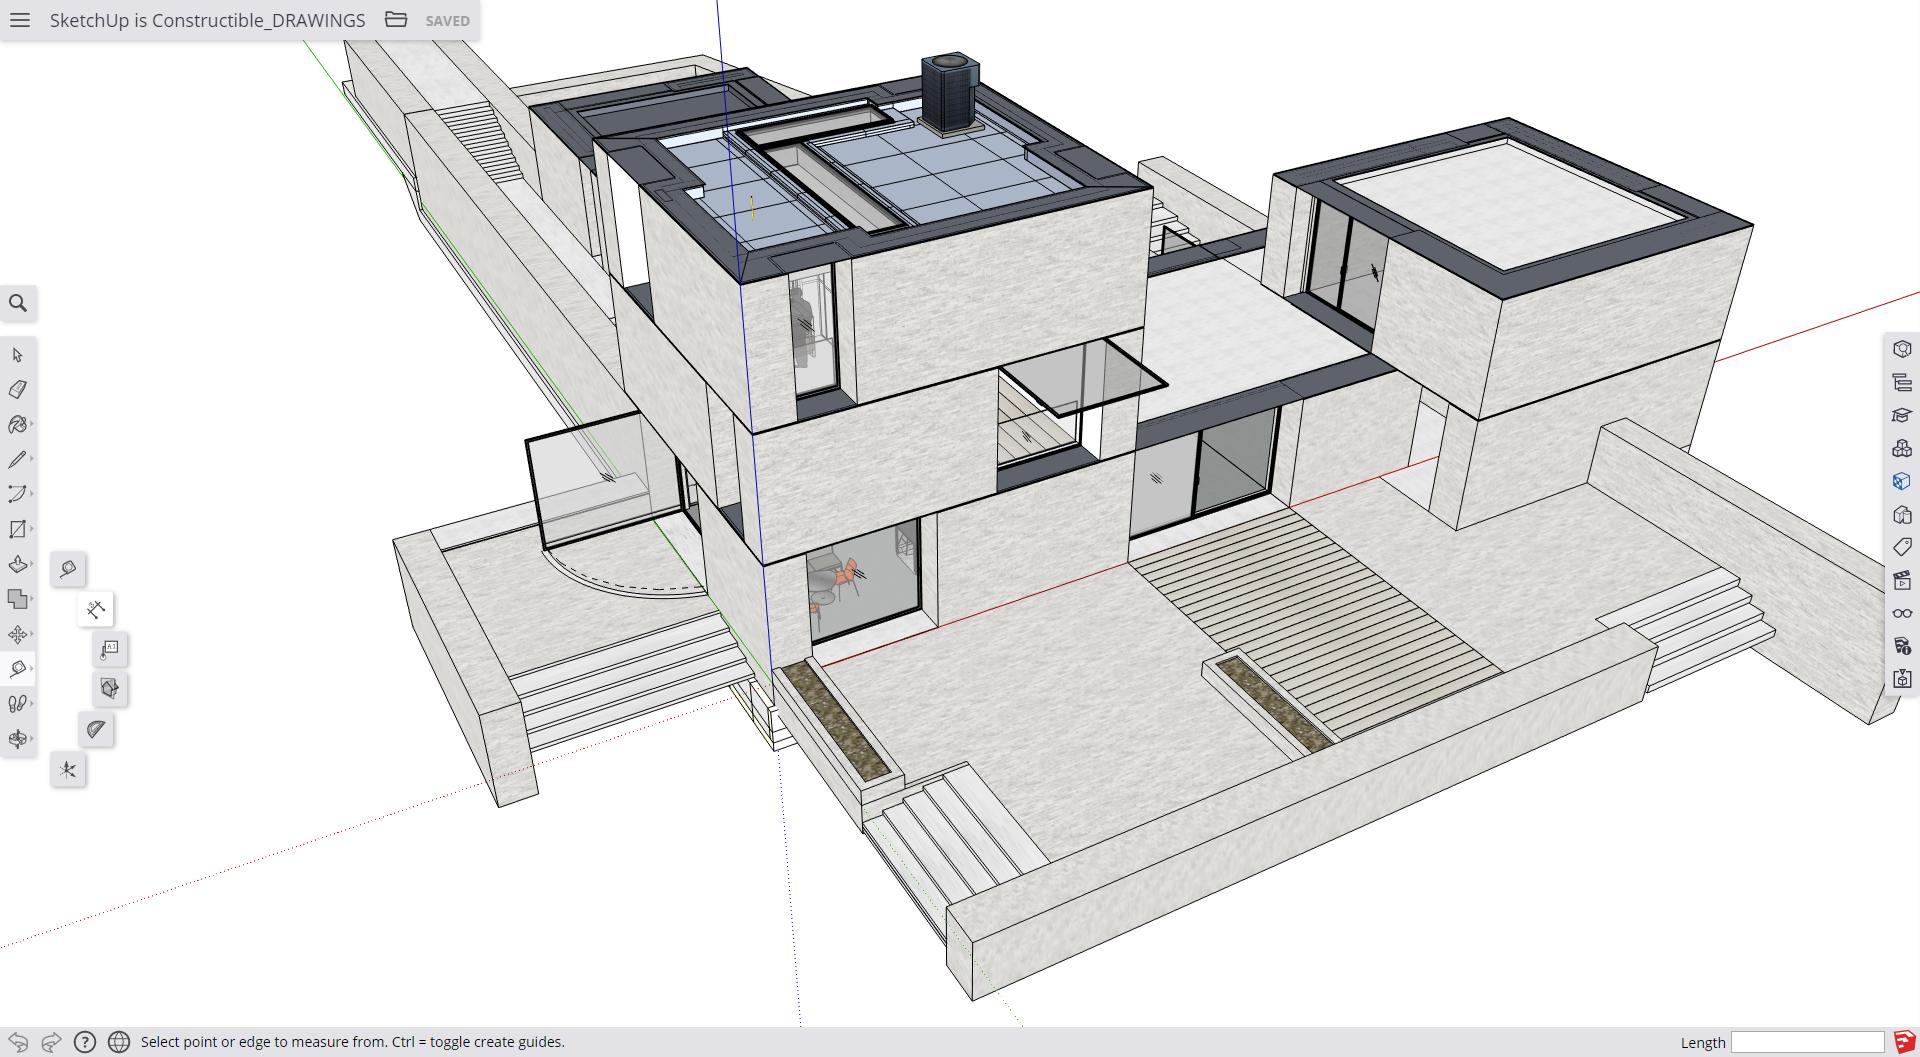 SketchUp Free czyli modelowanie 3D w każdej przeglądarce internetowej.